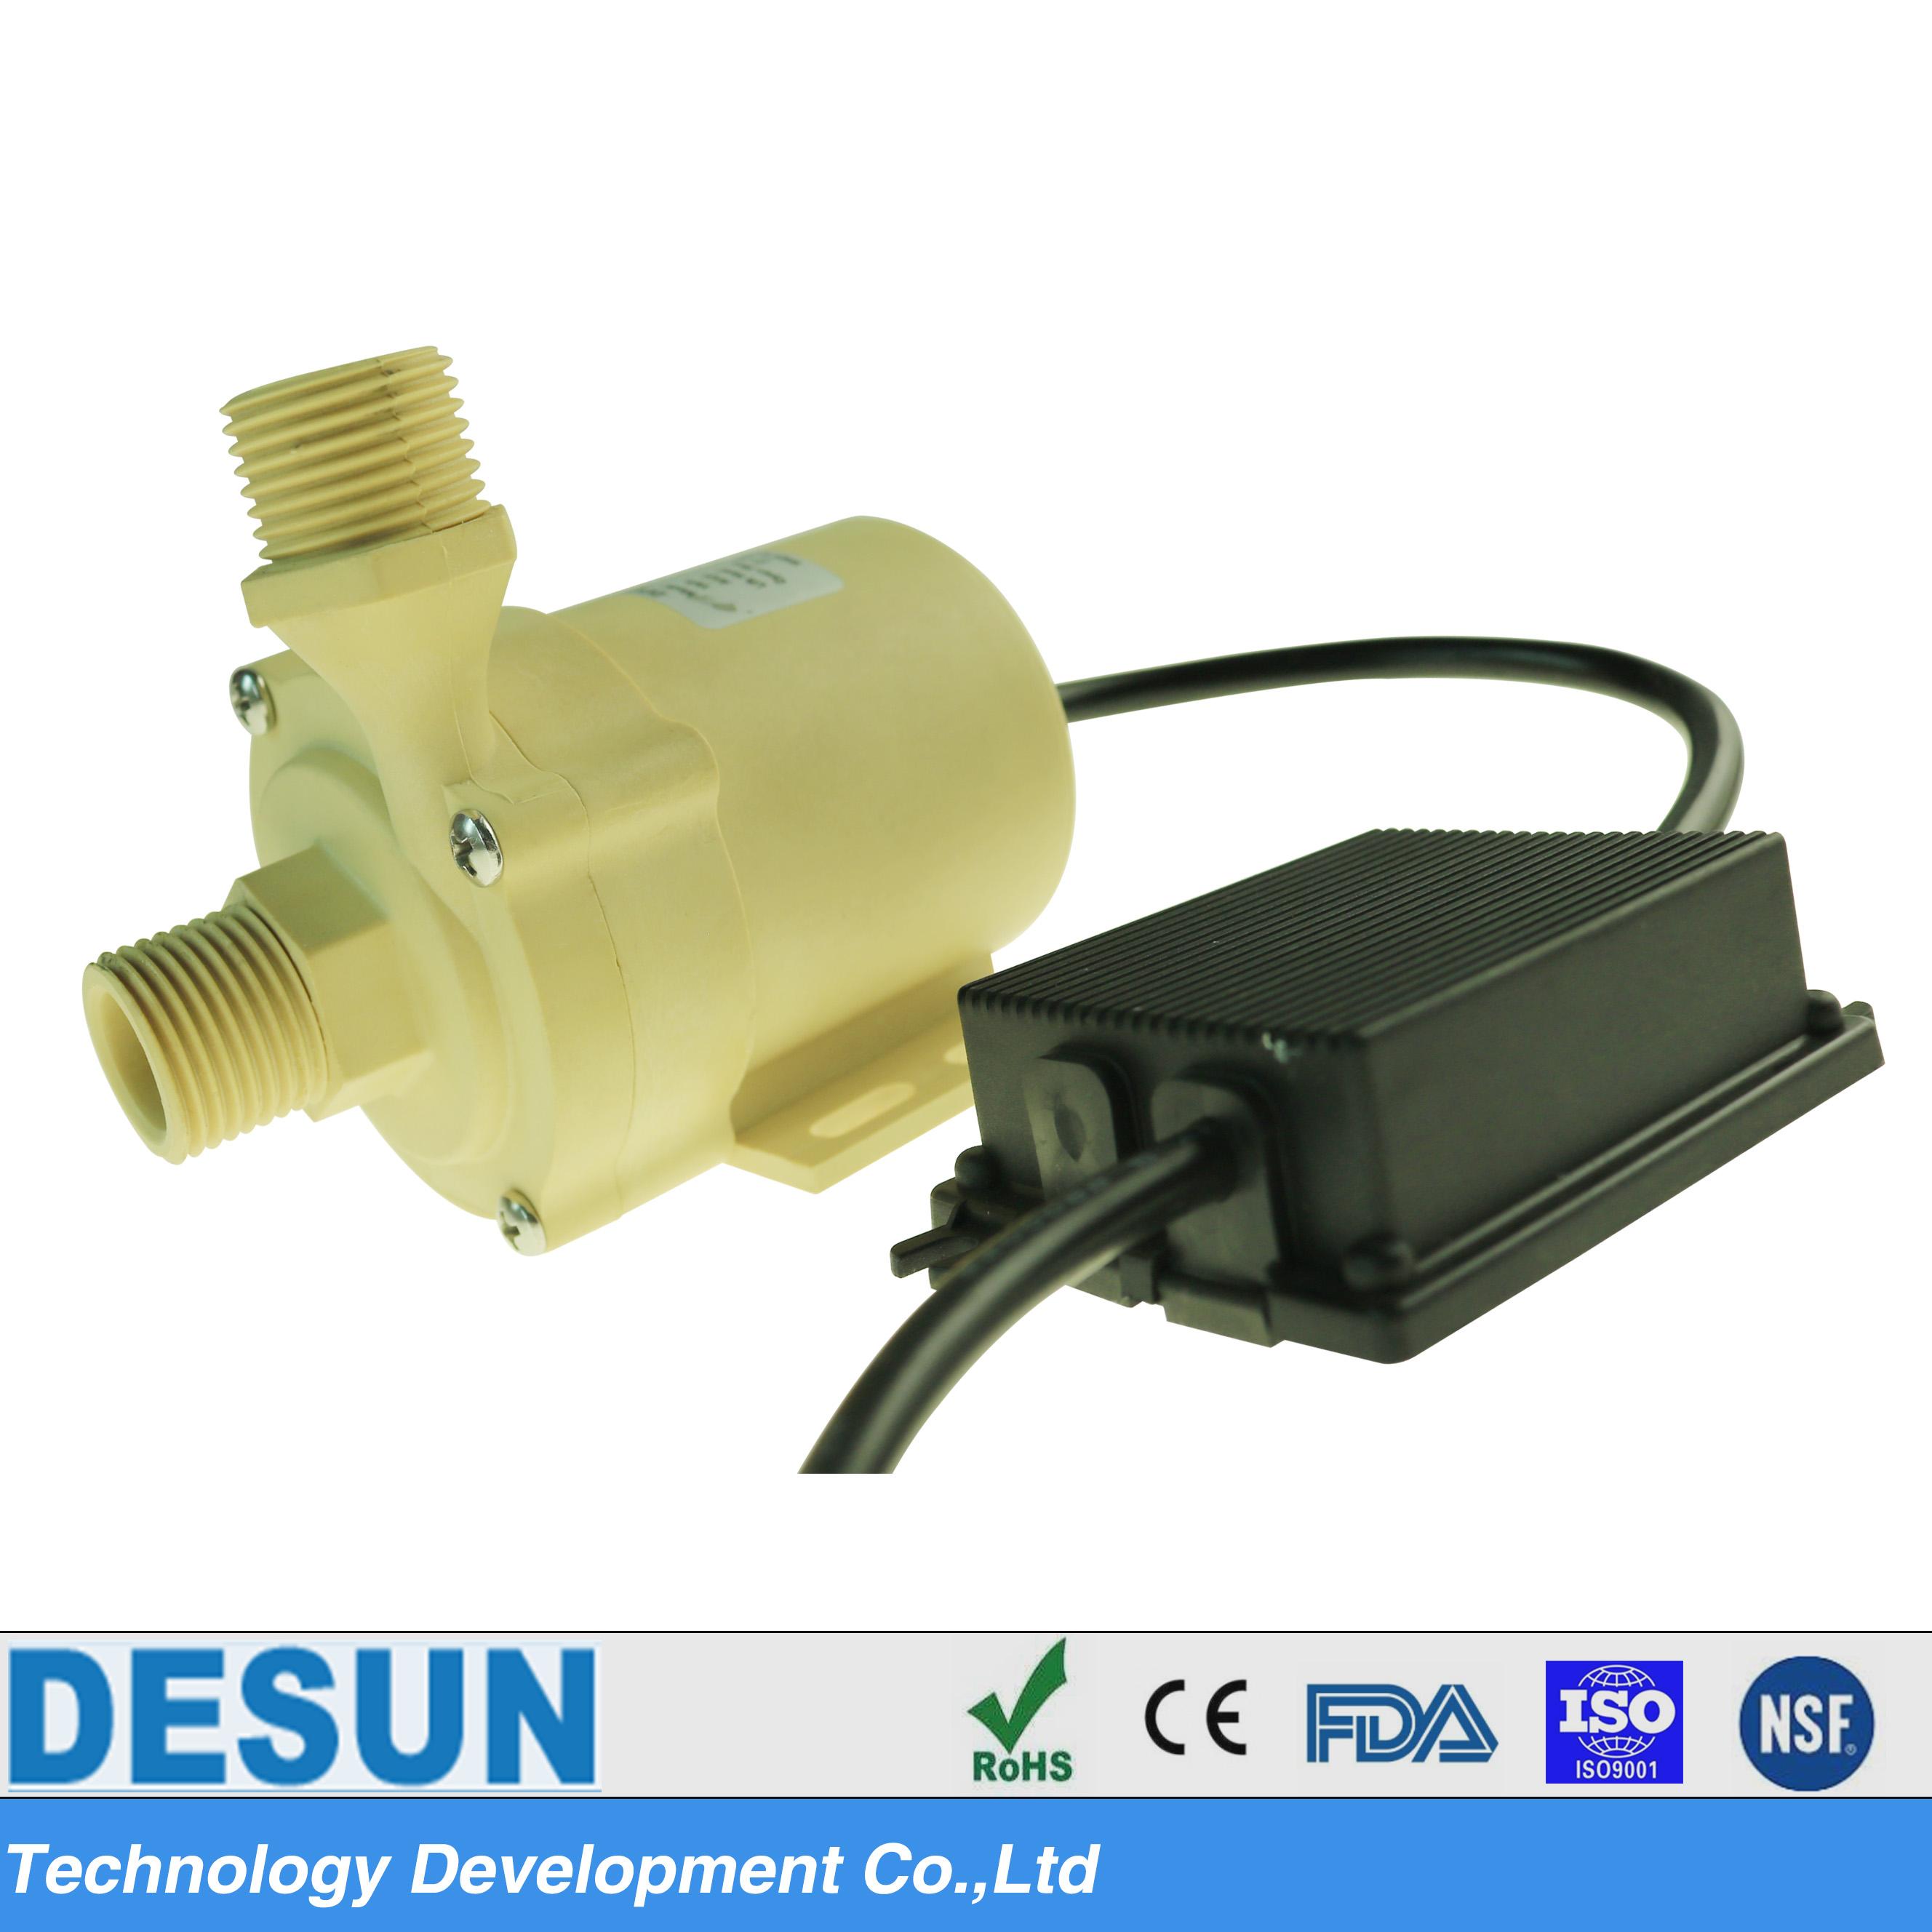 微型直流无刷潜水泵DS5004H